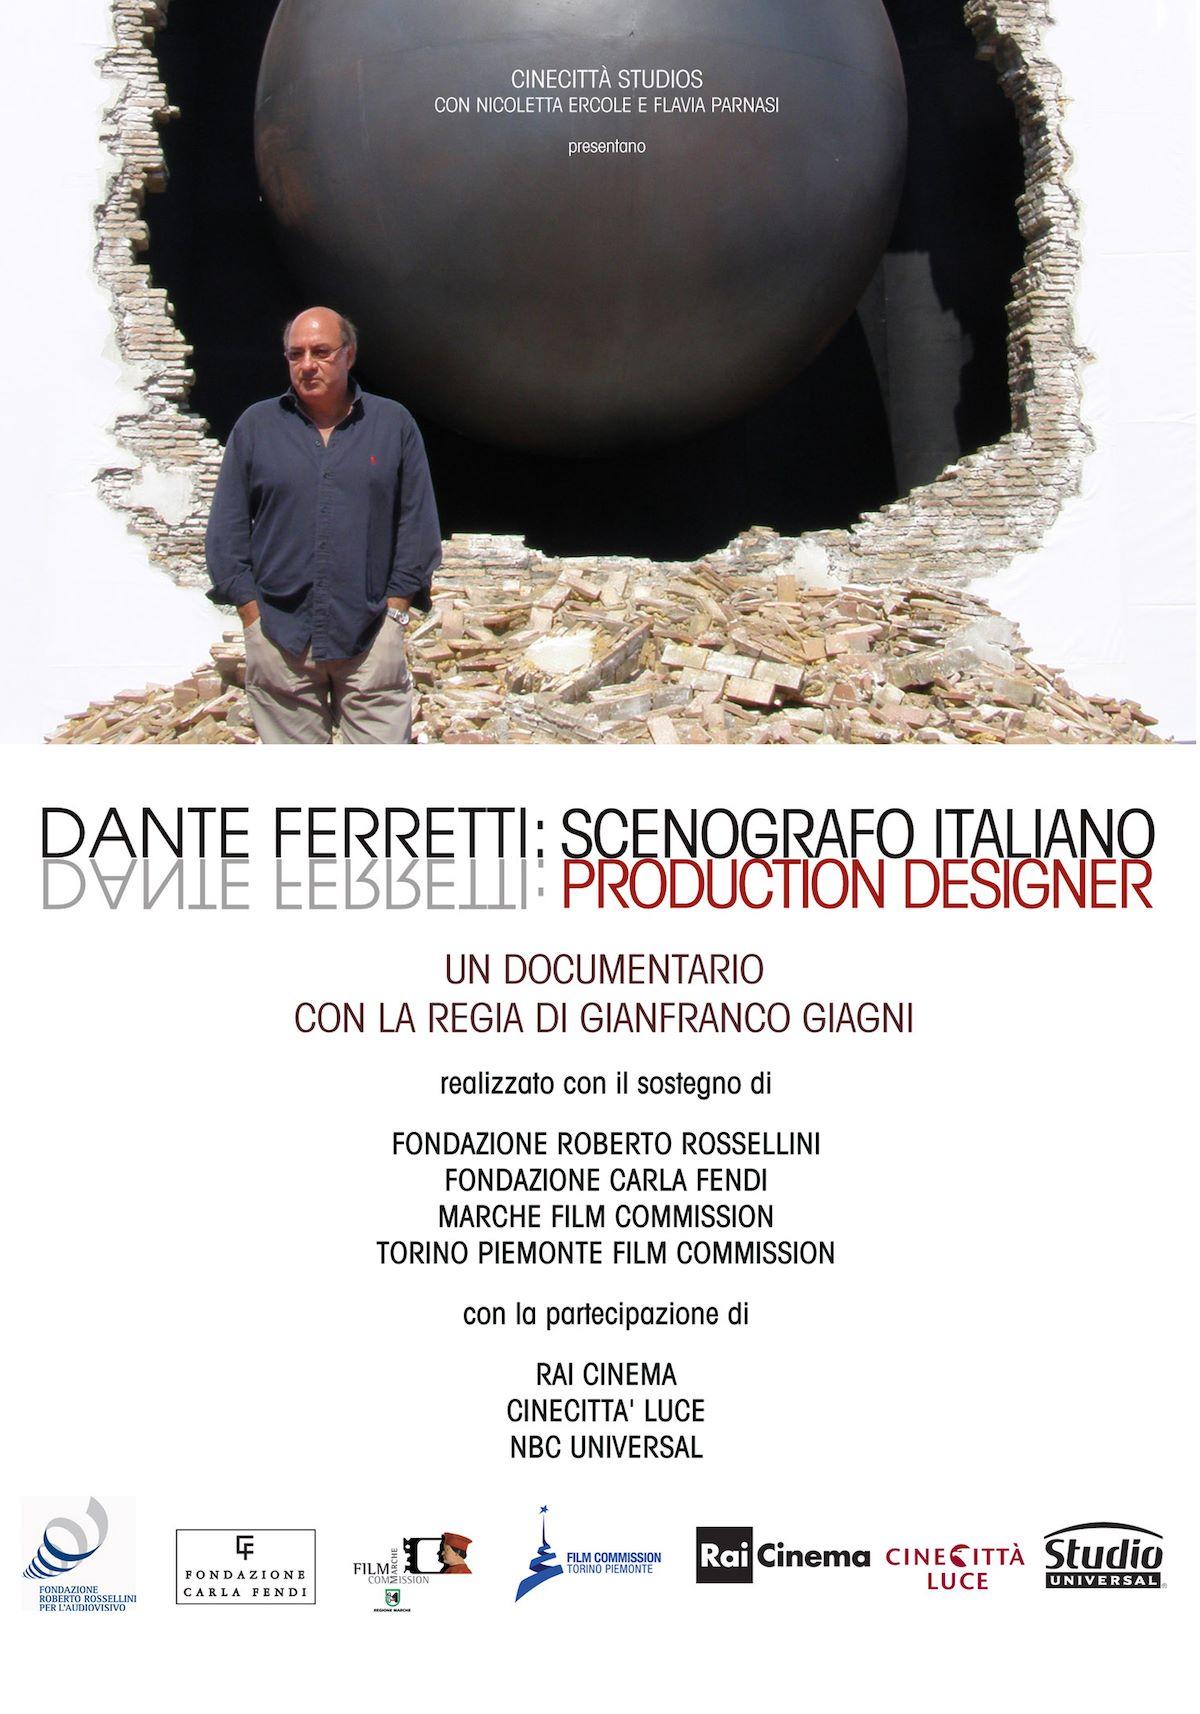 Intervista a Dante Ferretti